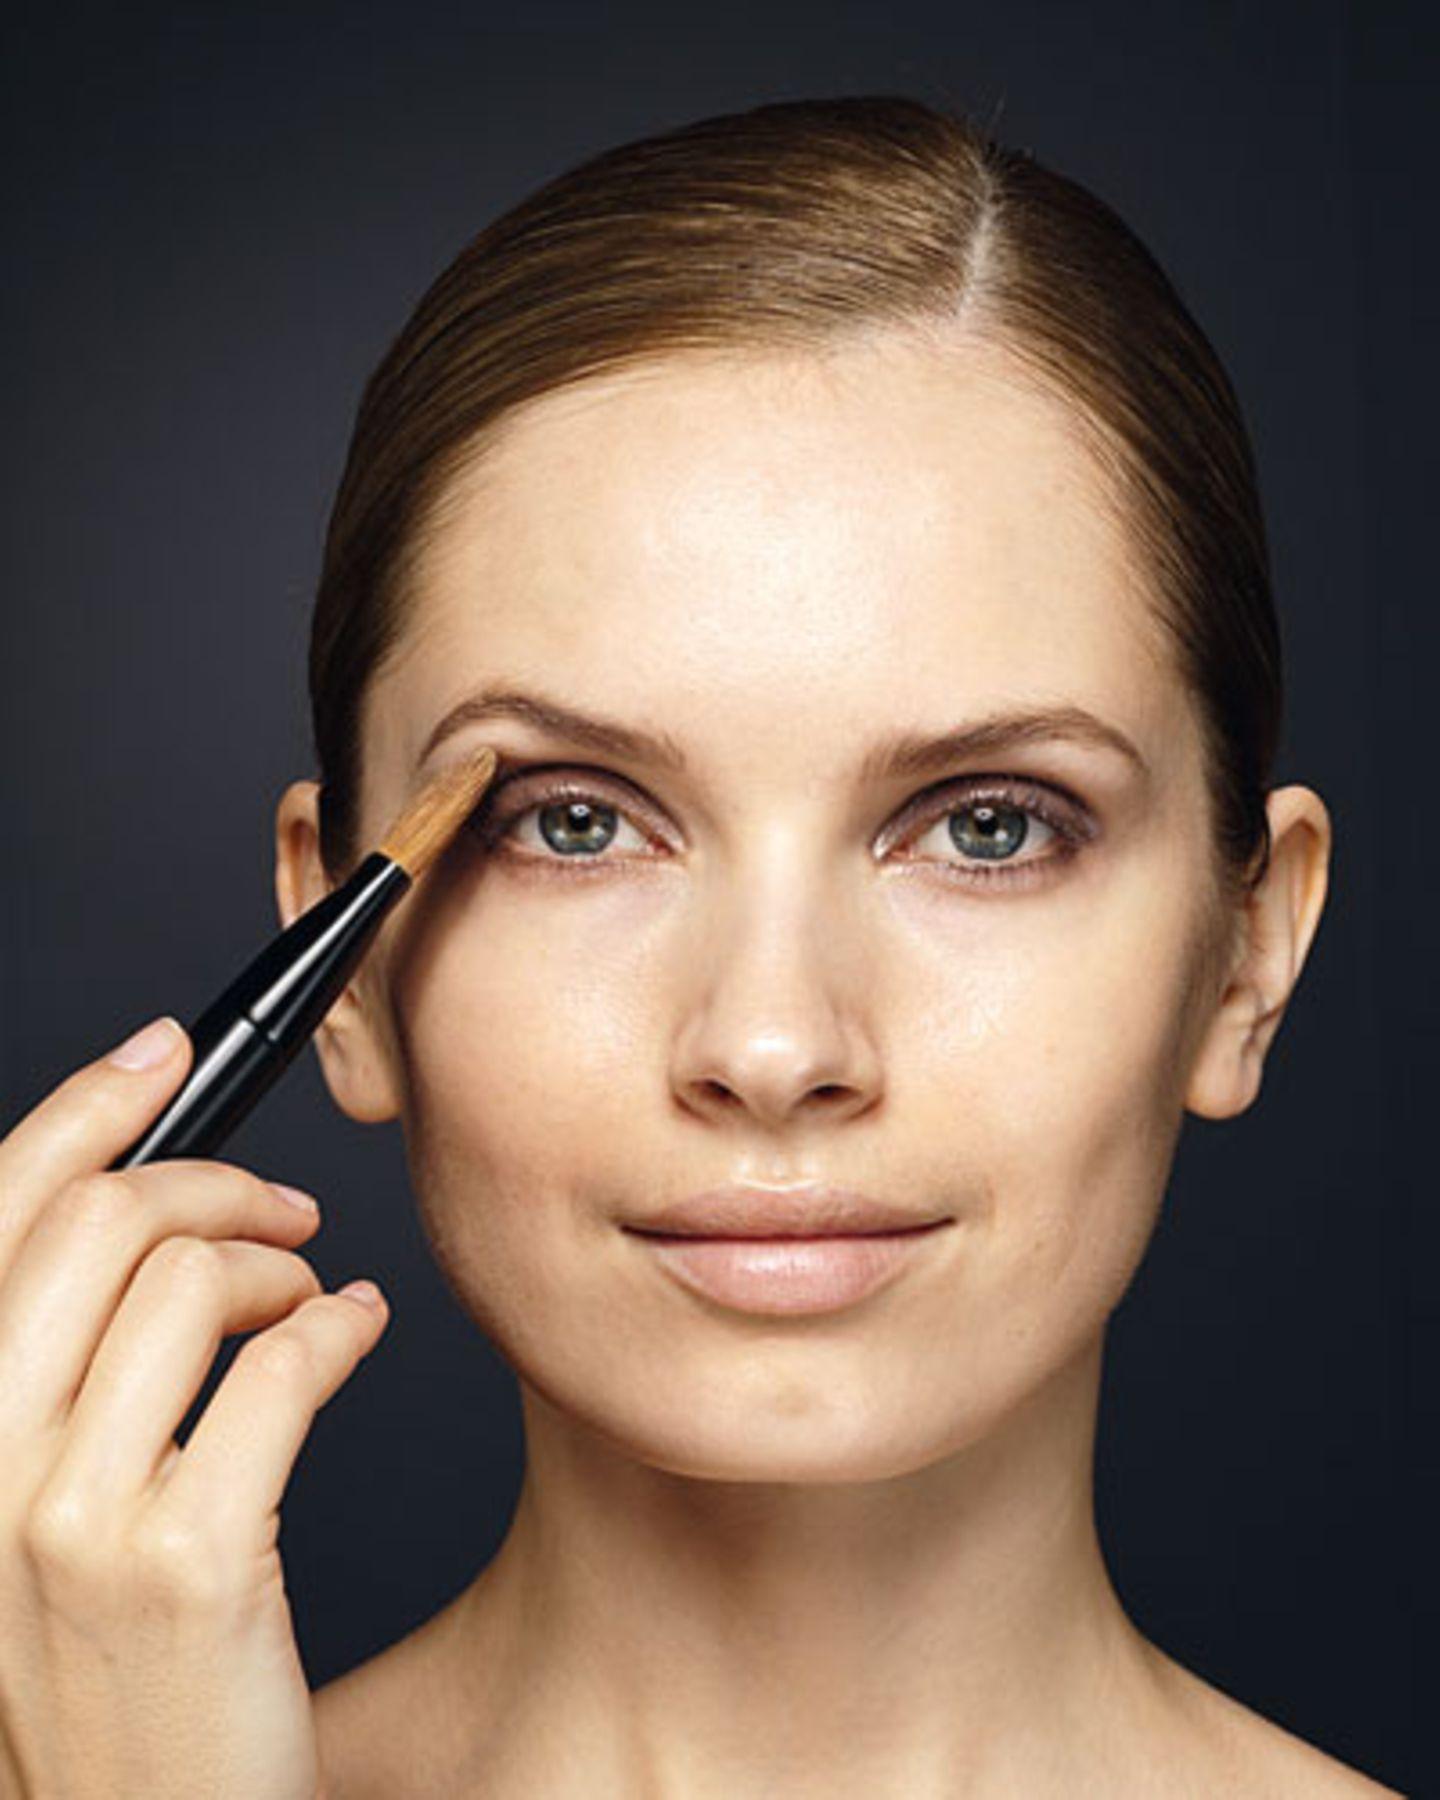 Um kleine Unregelmäßigkeiten im Augen-Make-up zu korrigieren, mit dem noch feuchten Foundation-Pinsel ausgleichend über die Lidfalte gehen.